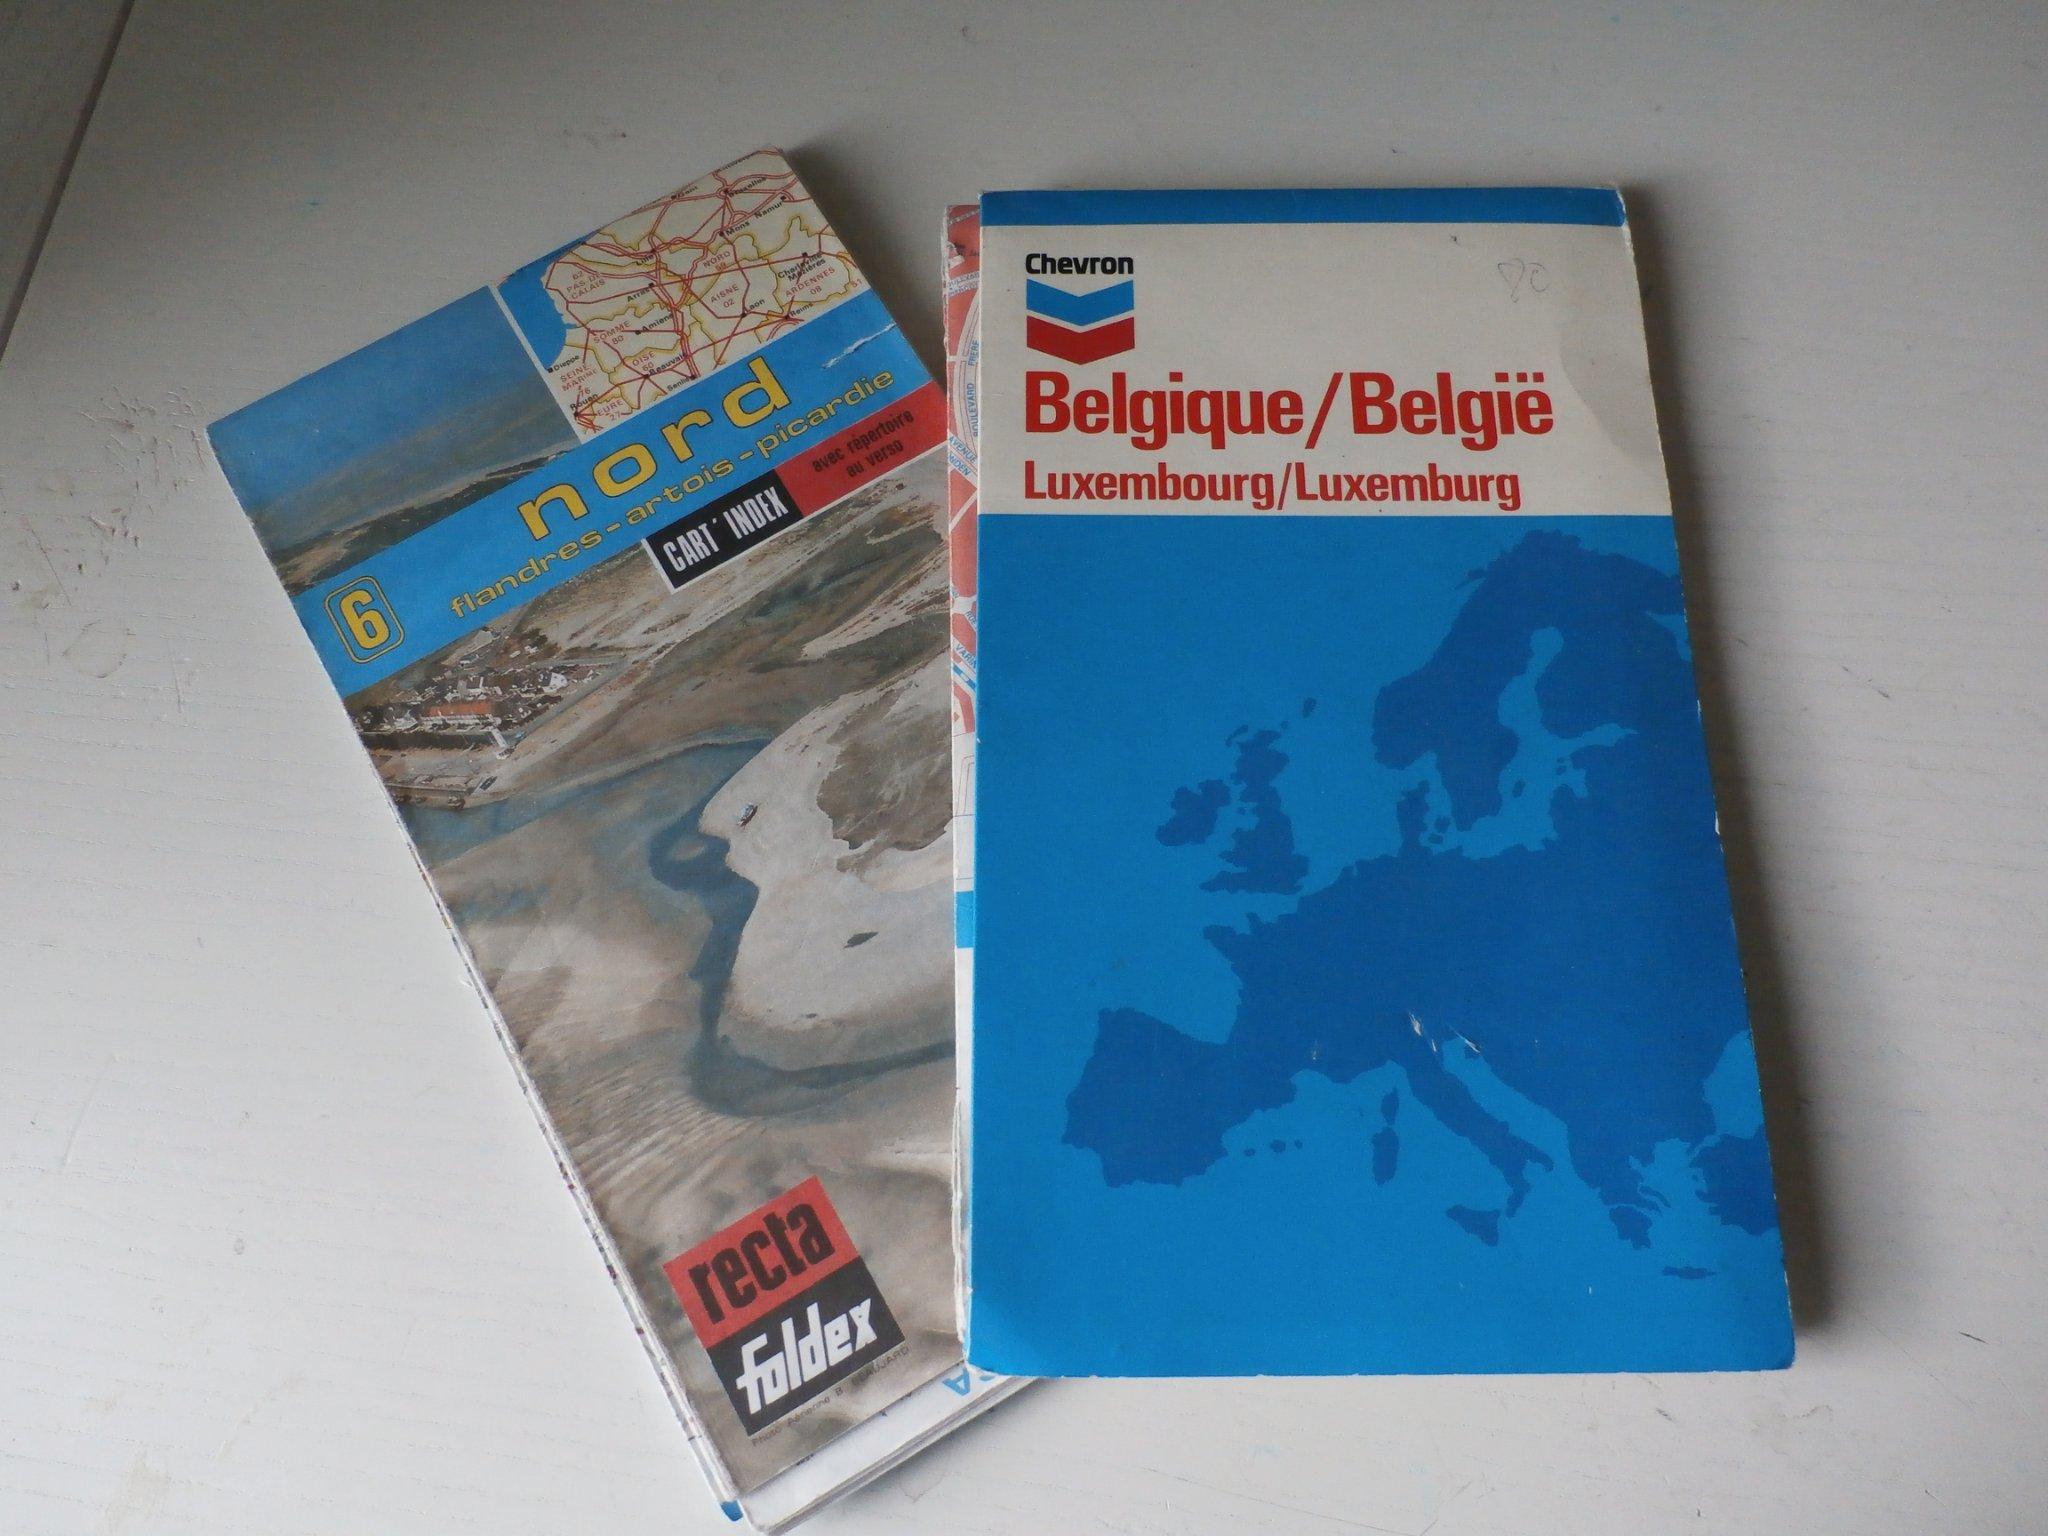 2 Aldre Bilkartor Belgien Och Nordostra Frankri 407541690 ᐈ Kop Pa Tradera